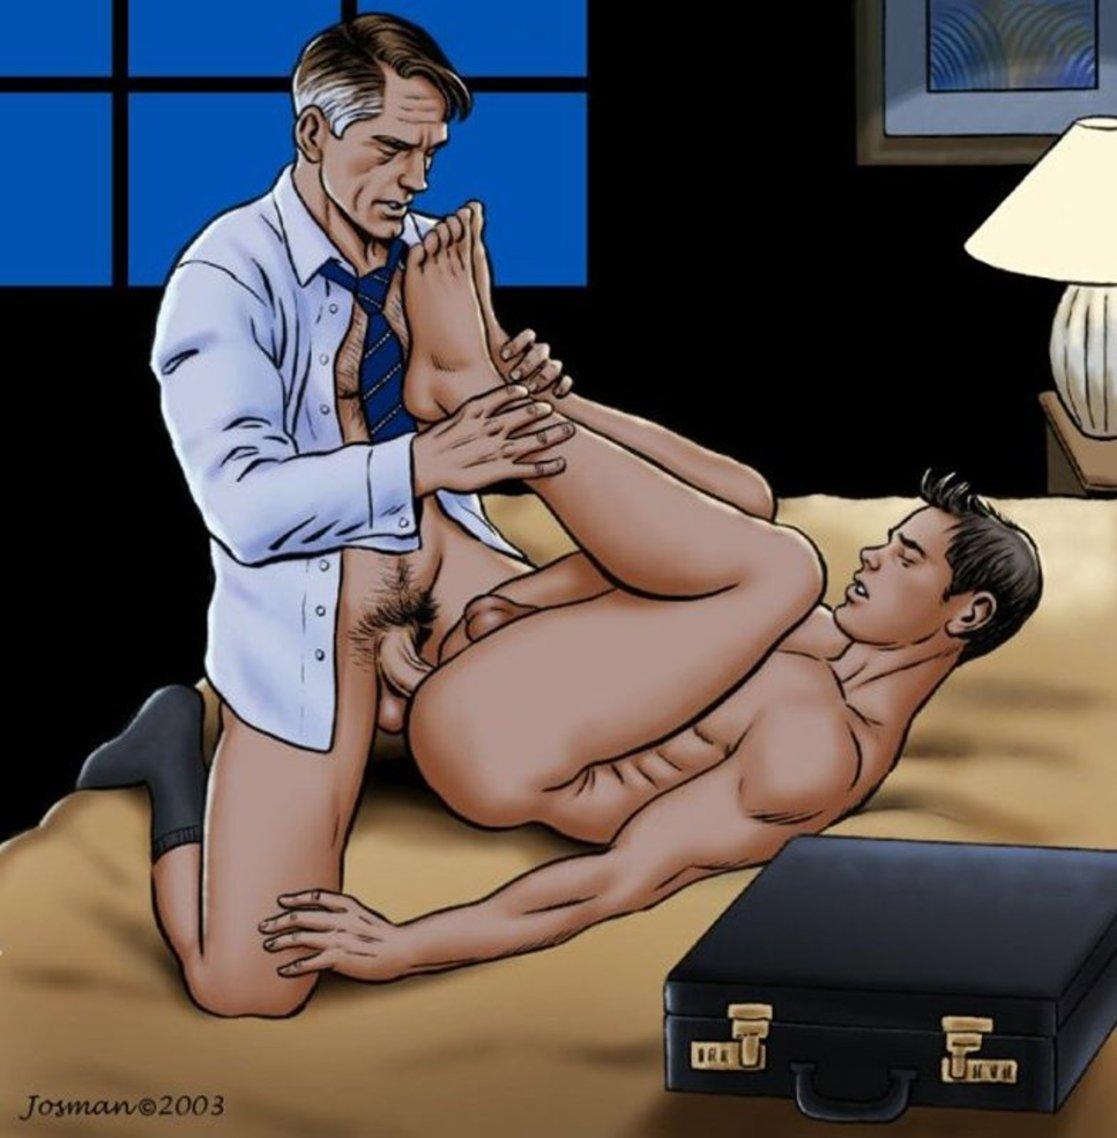 Butt fuck cartoon porn video